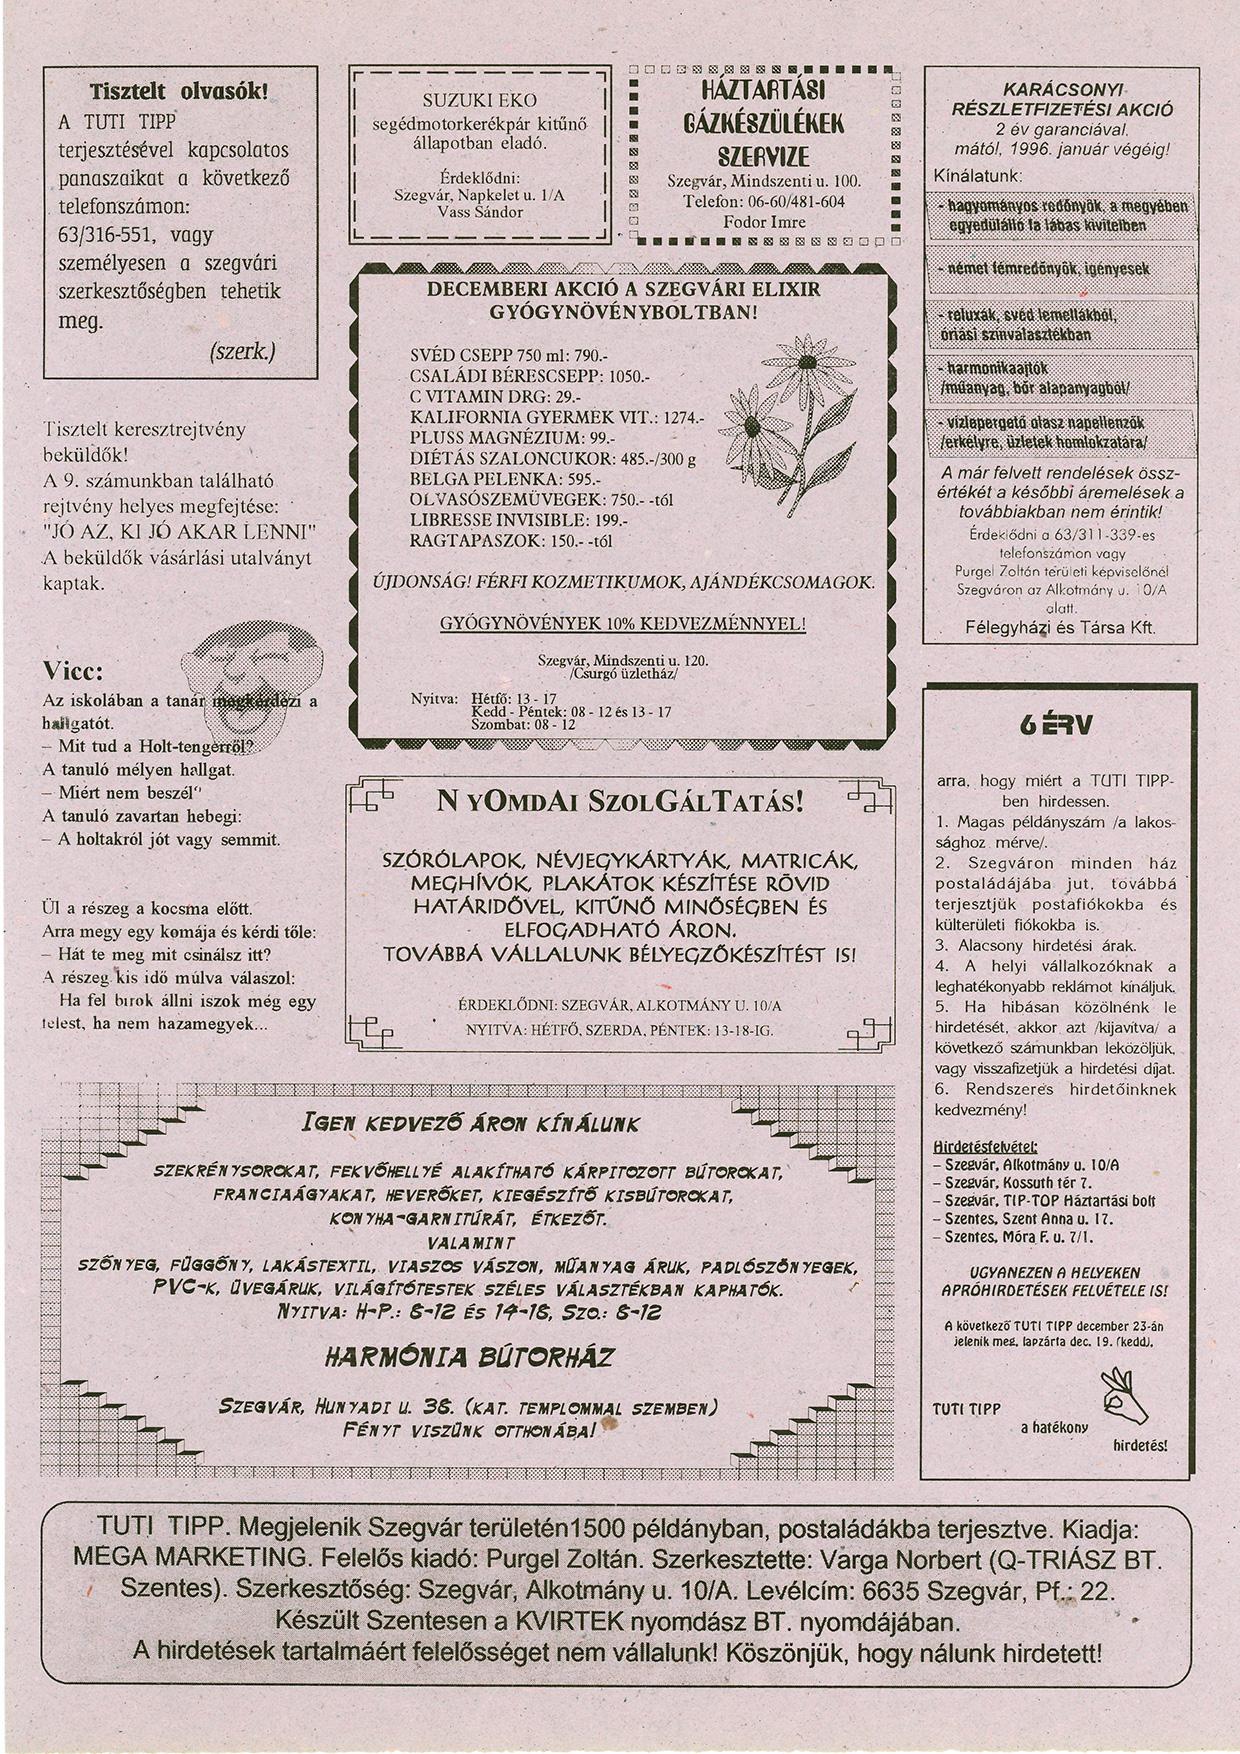 024 Szegvári Tuti Tipp reklámújság - 19951216-011. lapszám -2.oldal - I. évfolyam.jpg